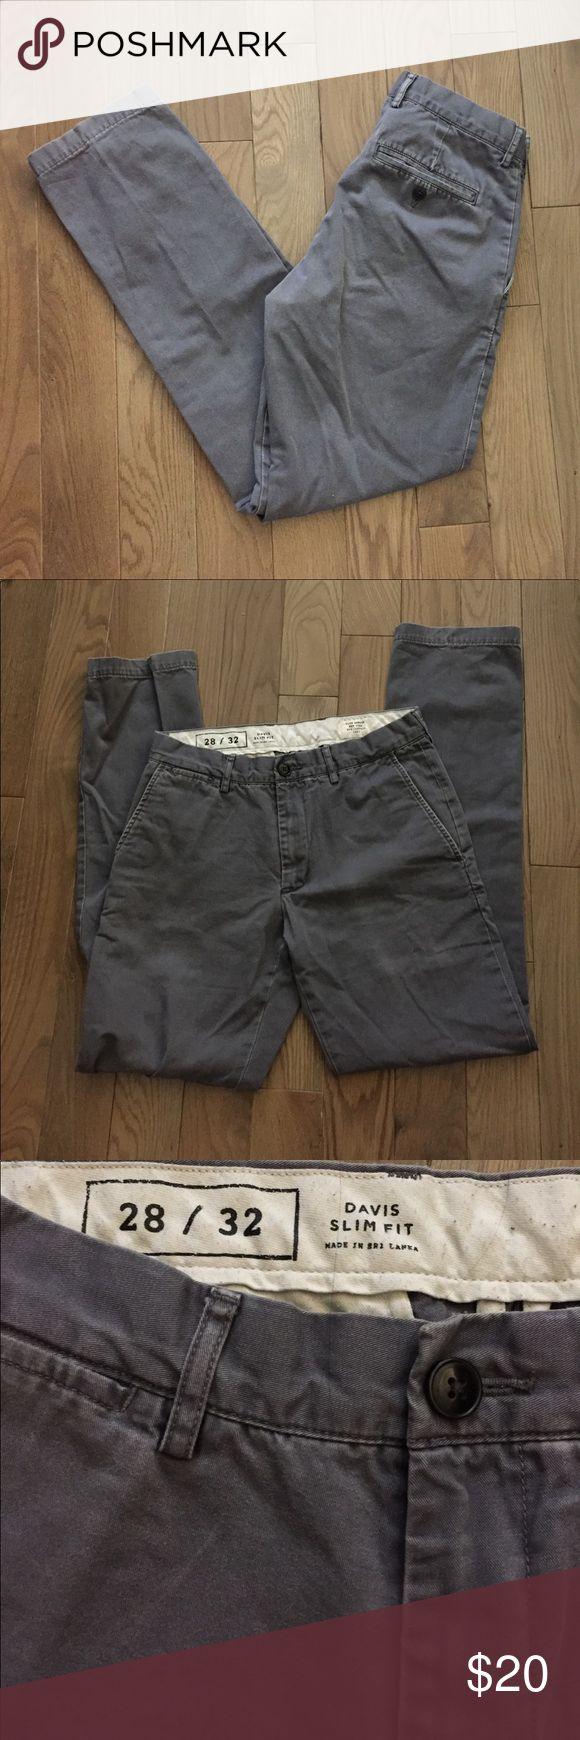 Club Monaco Davis Slim Chino Davis Slim Chinos Size: 28x32 Color: Grey Fading and wear from normal use Club Monaco Pants Chinos & Khakis